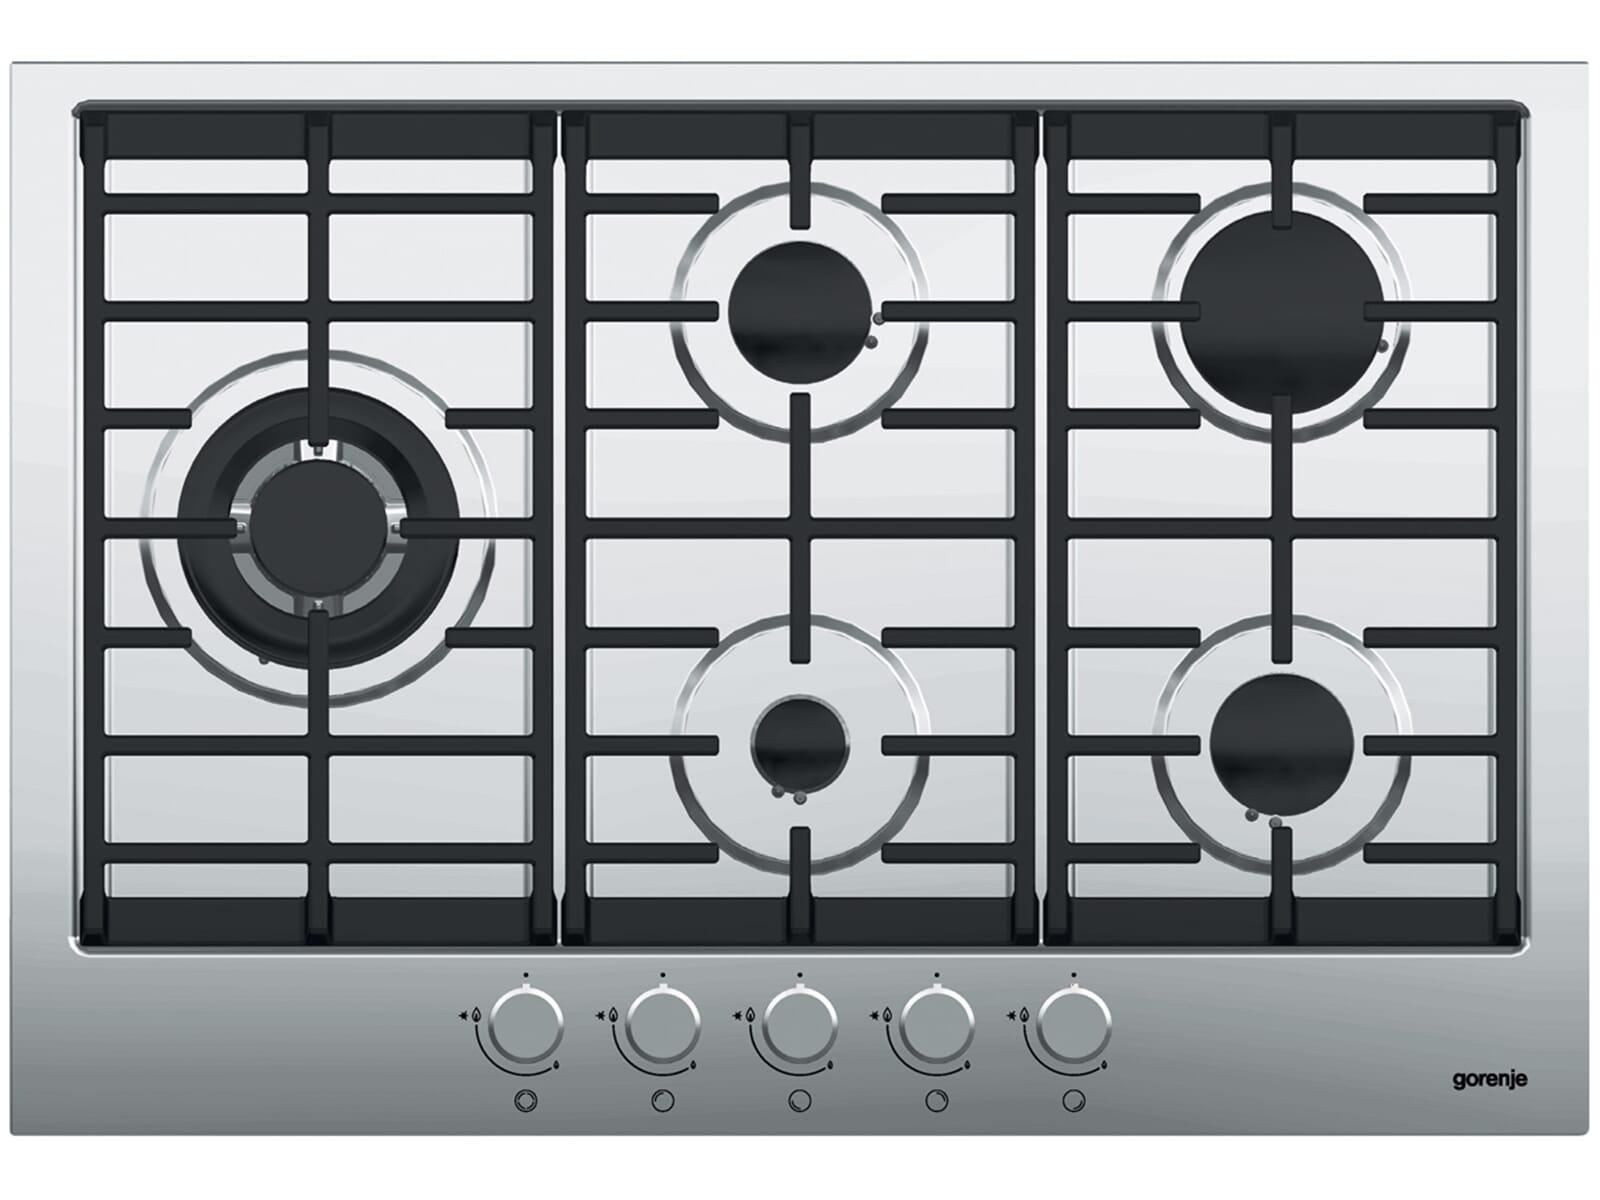 Das autarke Gorenje GW 761 UX Gaskochfeld erzielt hervorragende Kochergebnisse über der offenen Flamme.